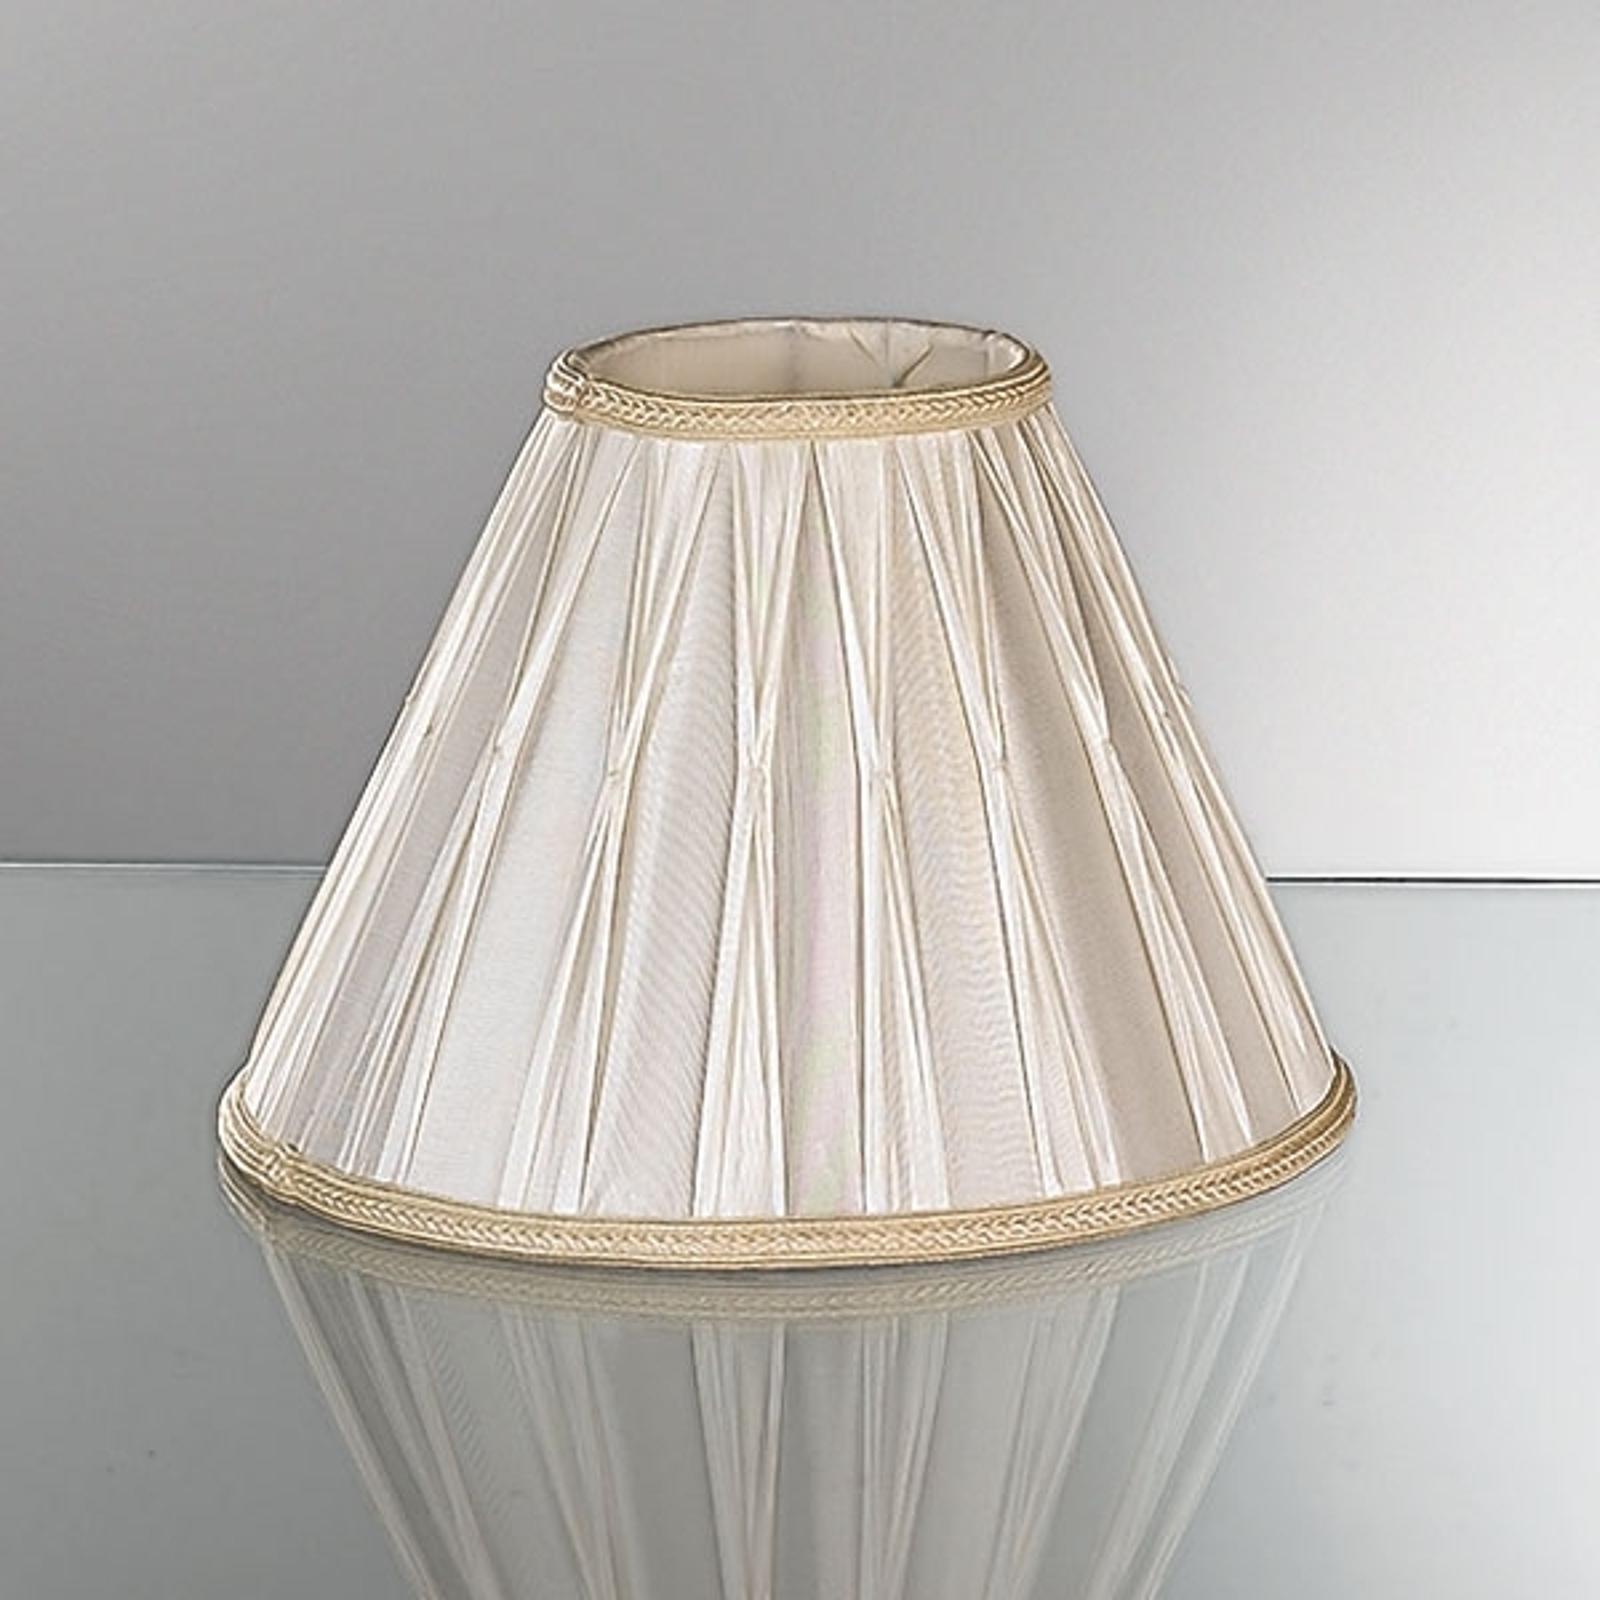 Reserveskjerm for bordlamper i plissé 30,5 cm